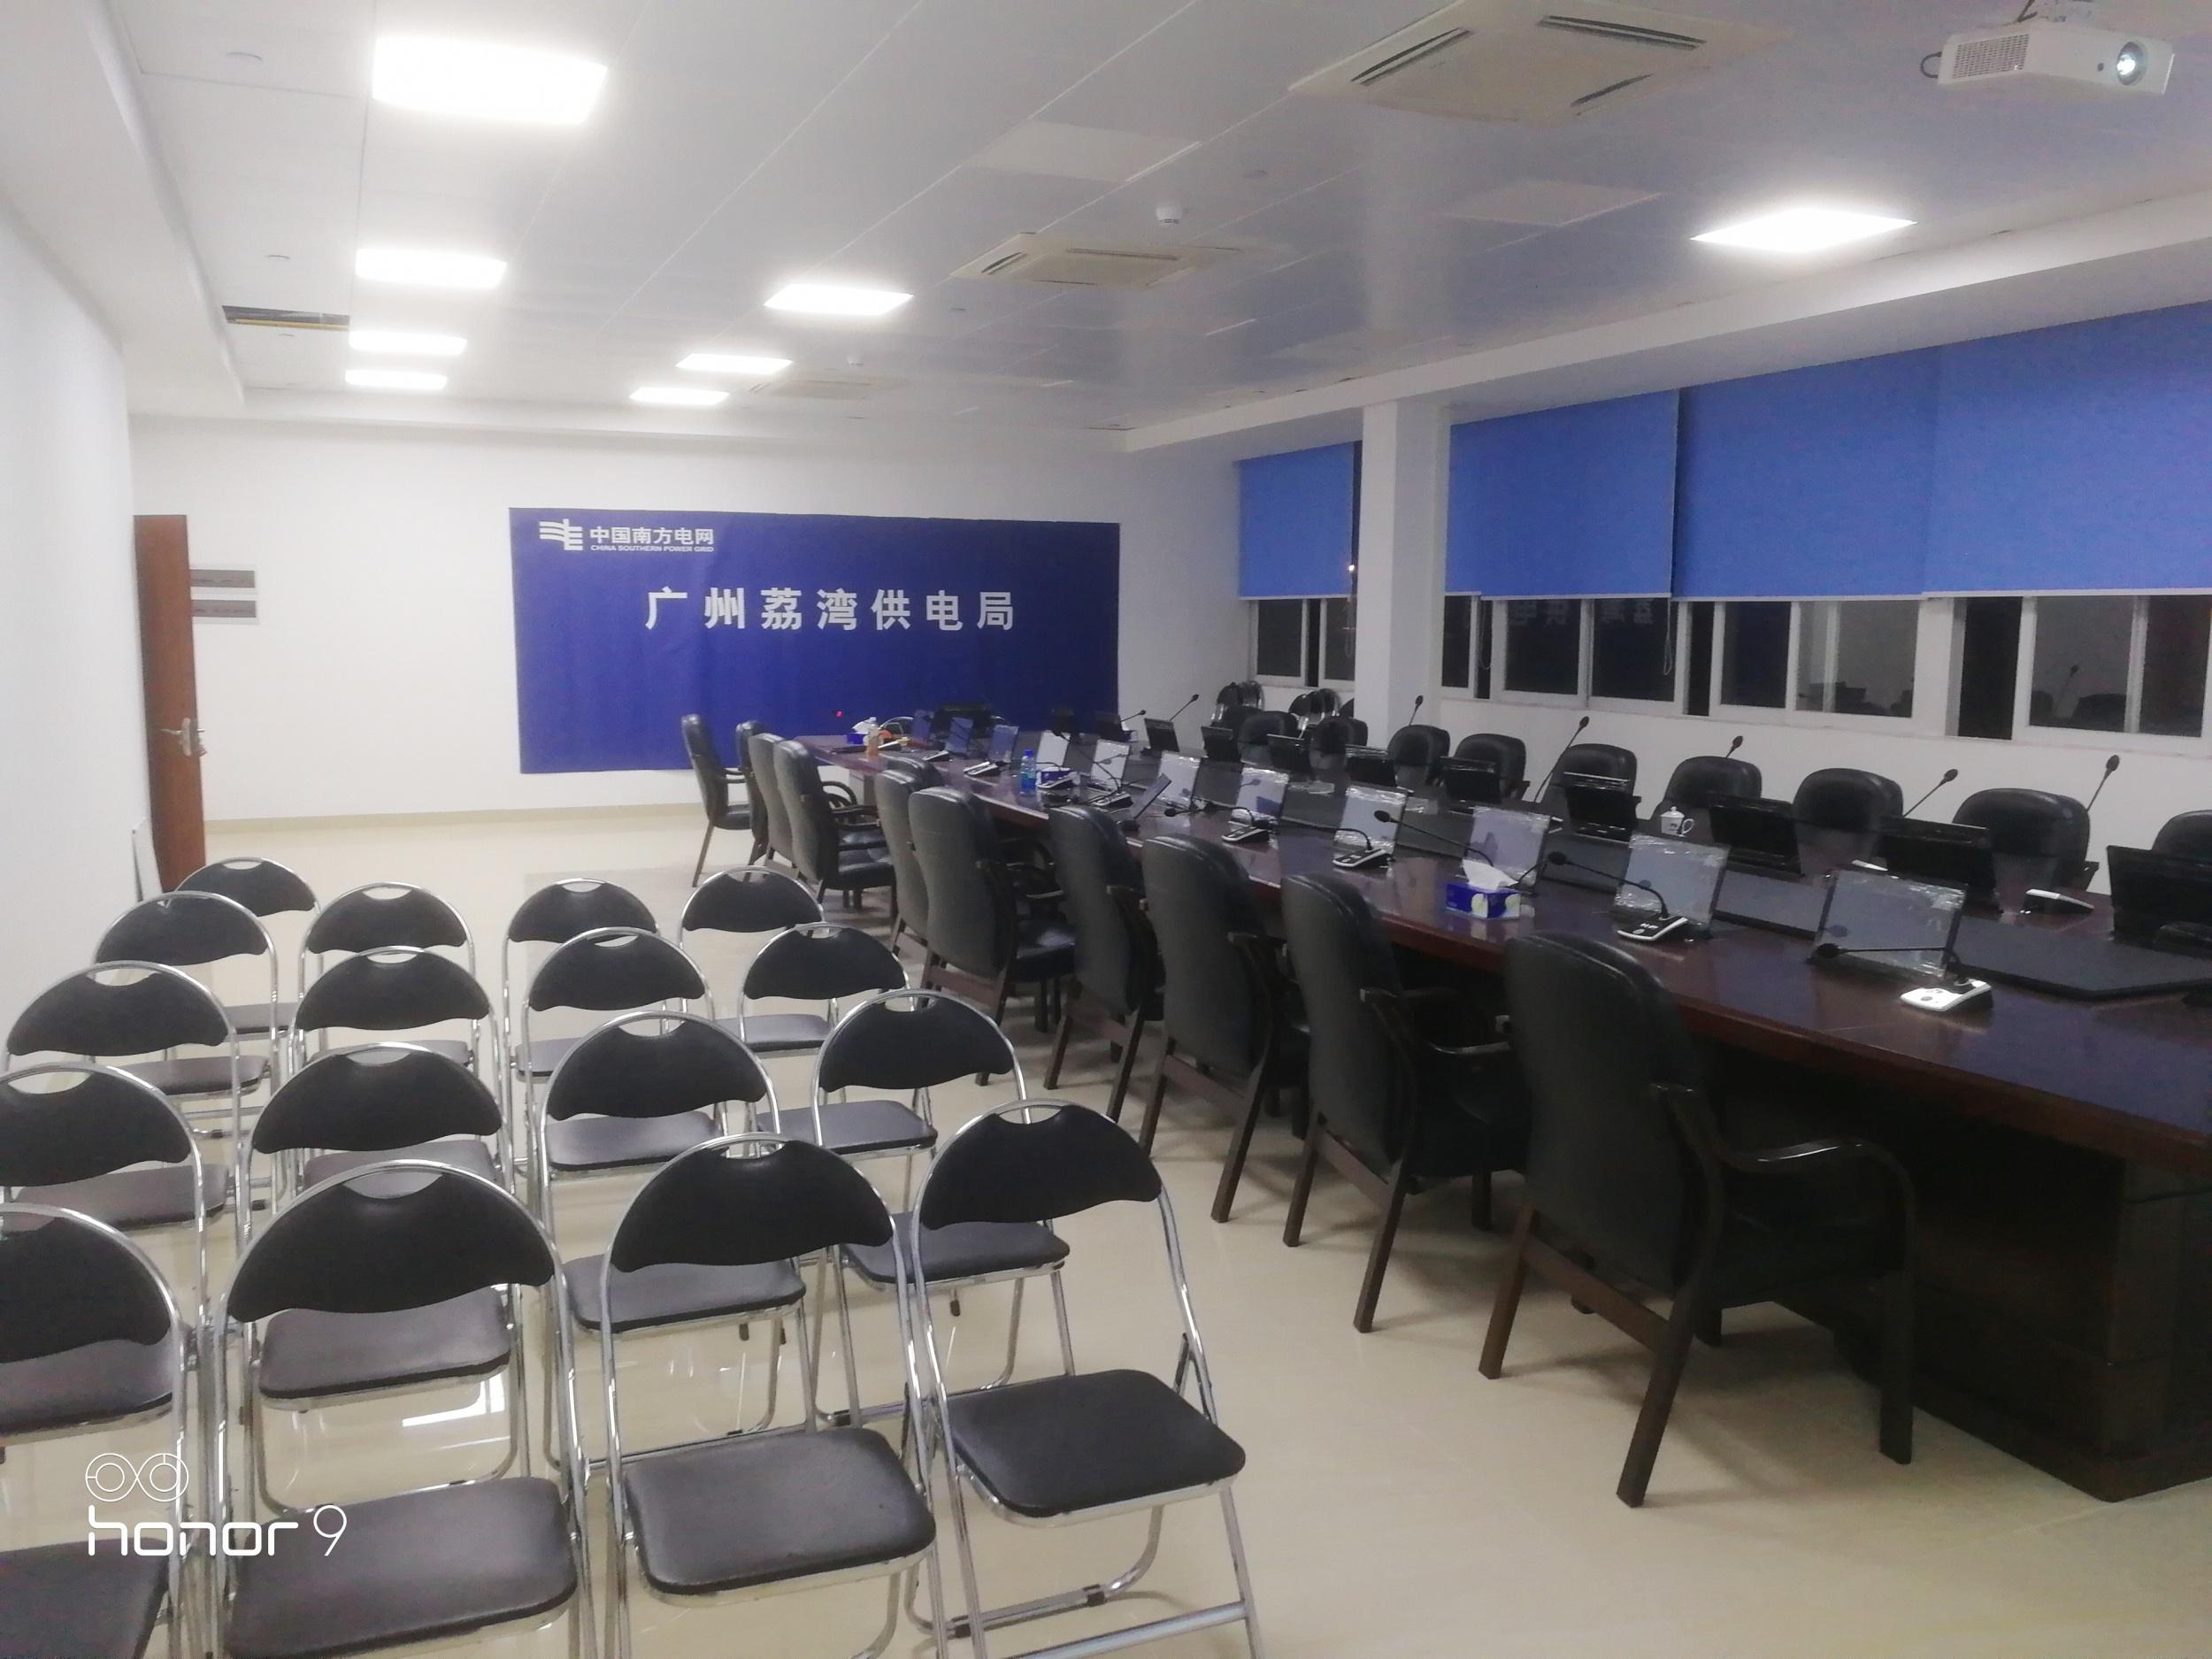 广州荔湾供电局